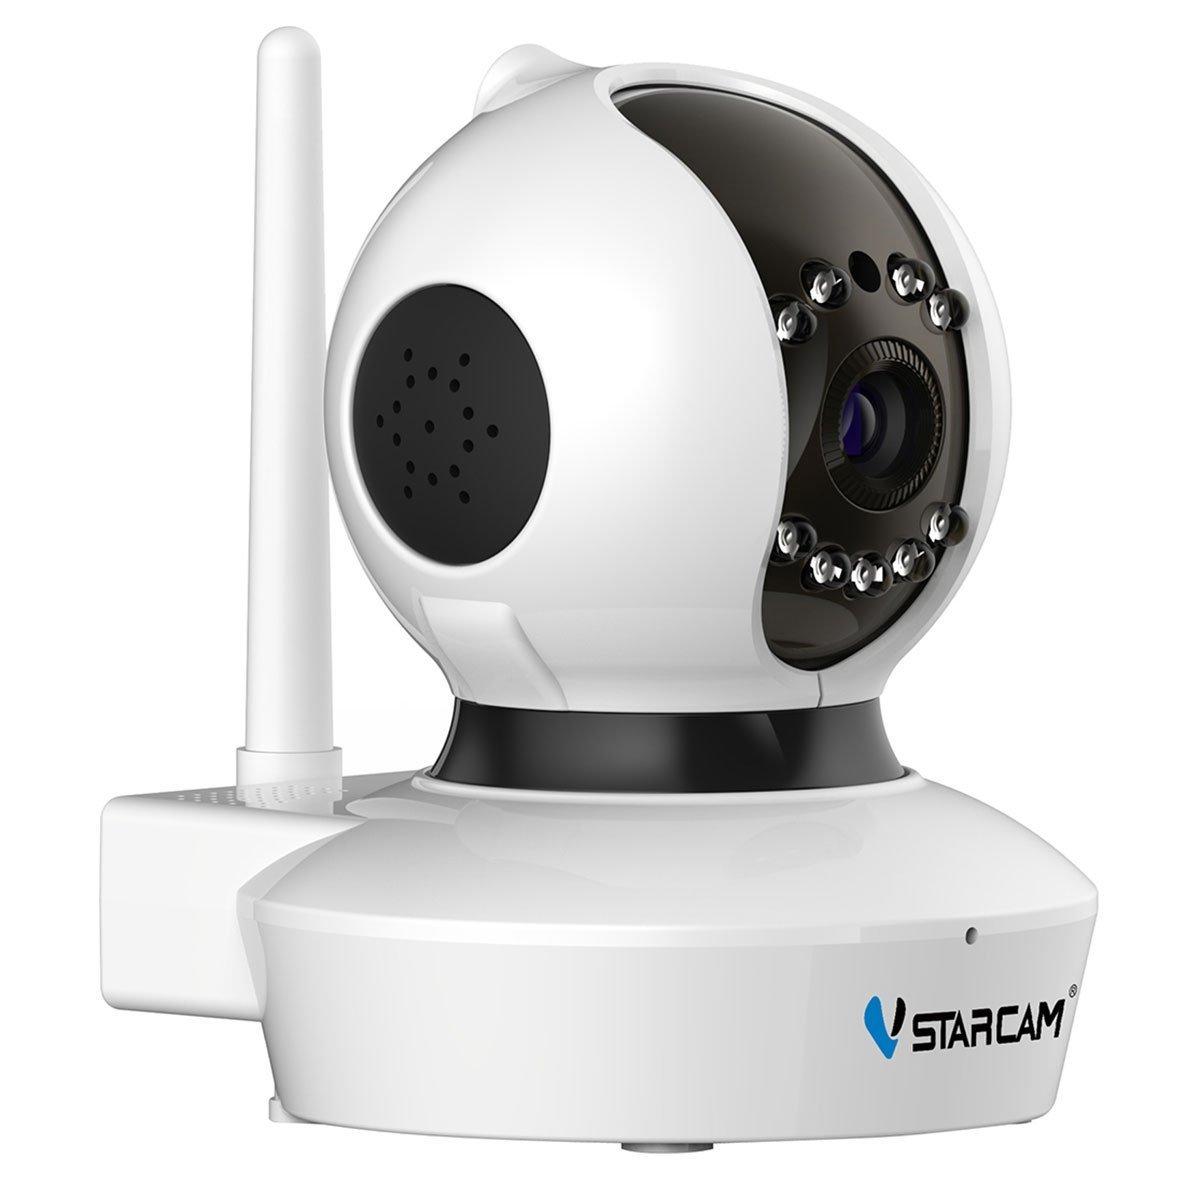 ネットワークカメラ Vstarcam ミニ監視カメラ WIFI 1080P 200万画素 ペット 子供見守り 防犯 監視 スマホ/ipad/パソコン対応 (C23S-ホワイト) B07526W2FS ホワイト ホワイト